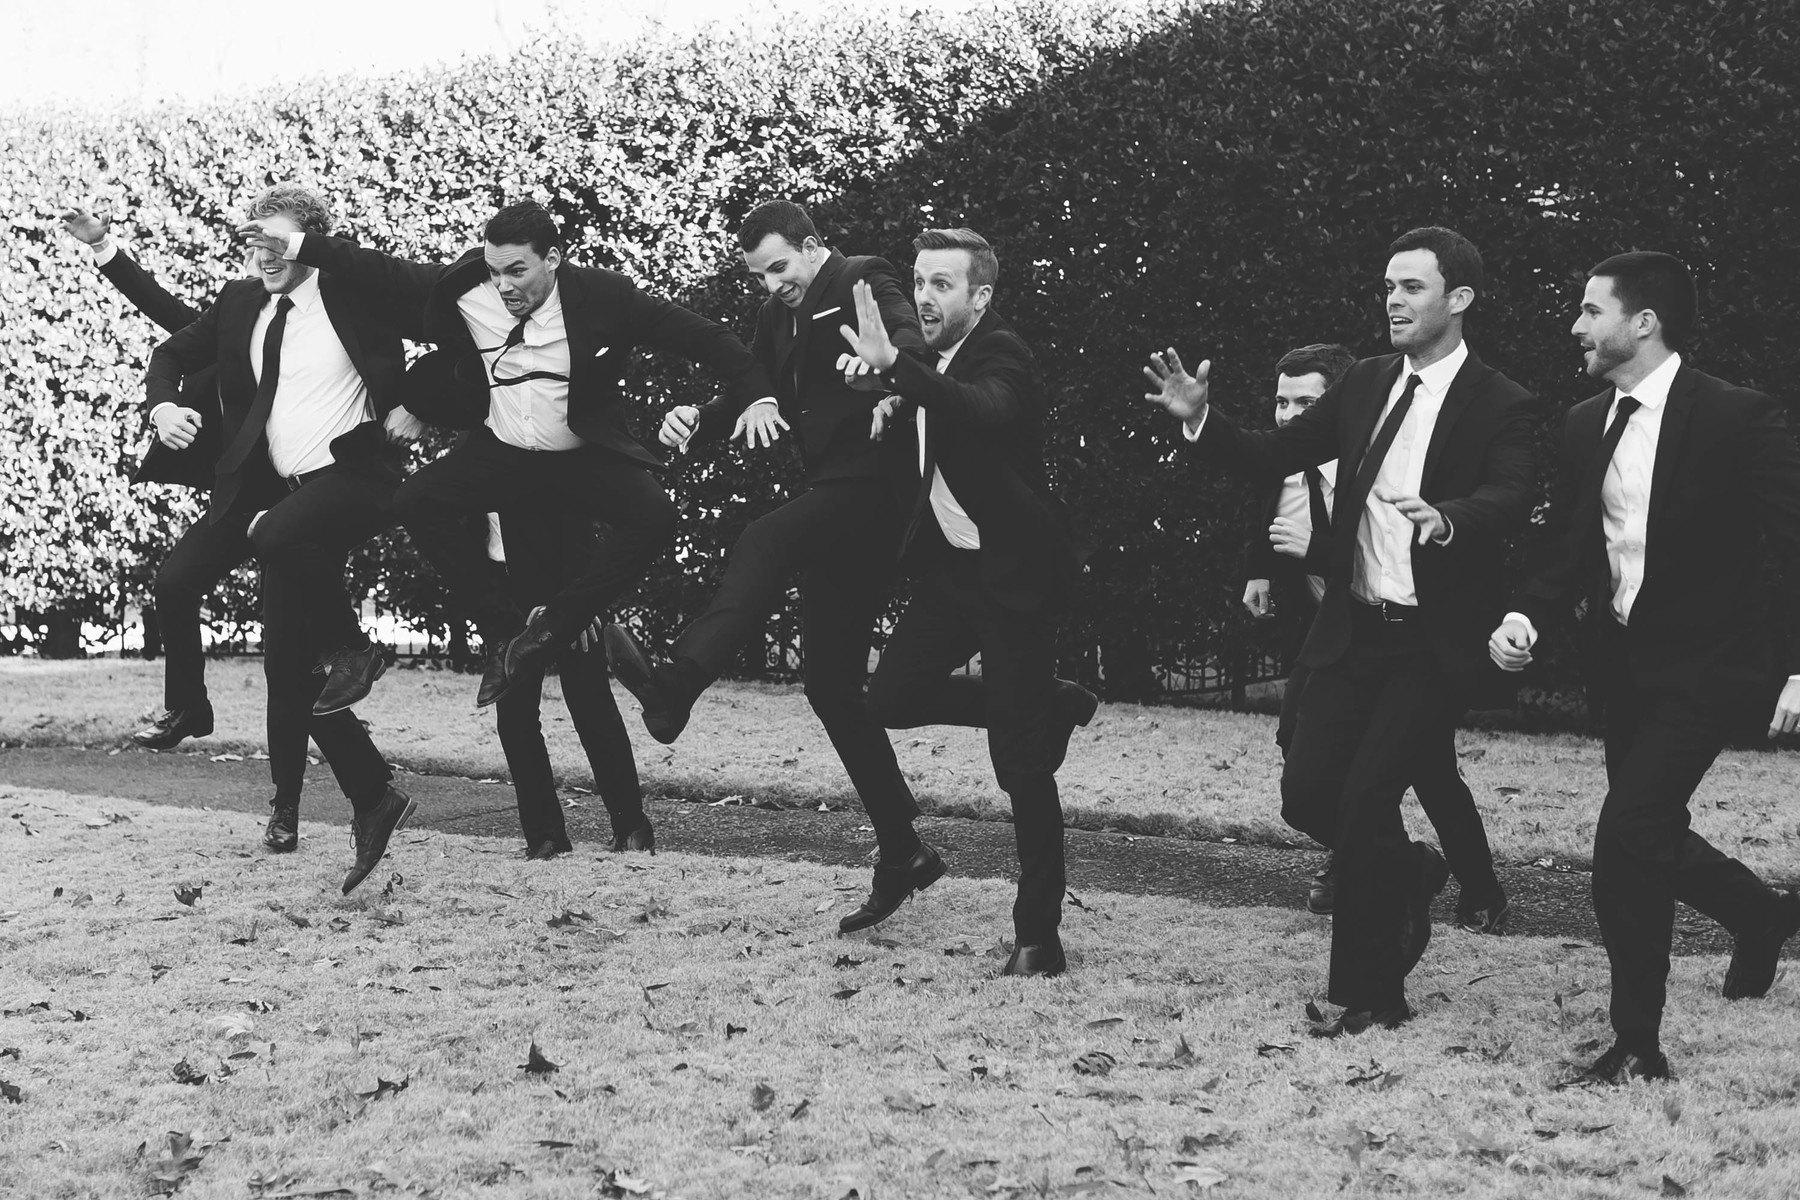 The handsome groomsmen goof off.